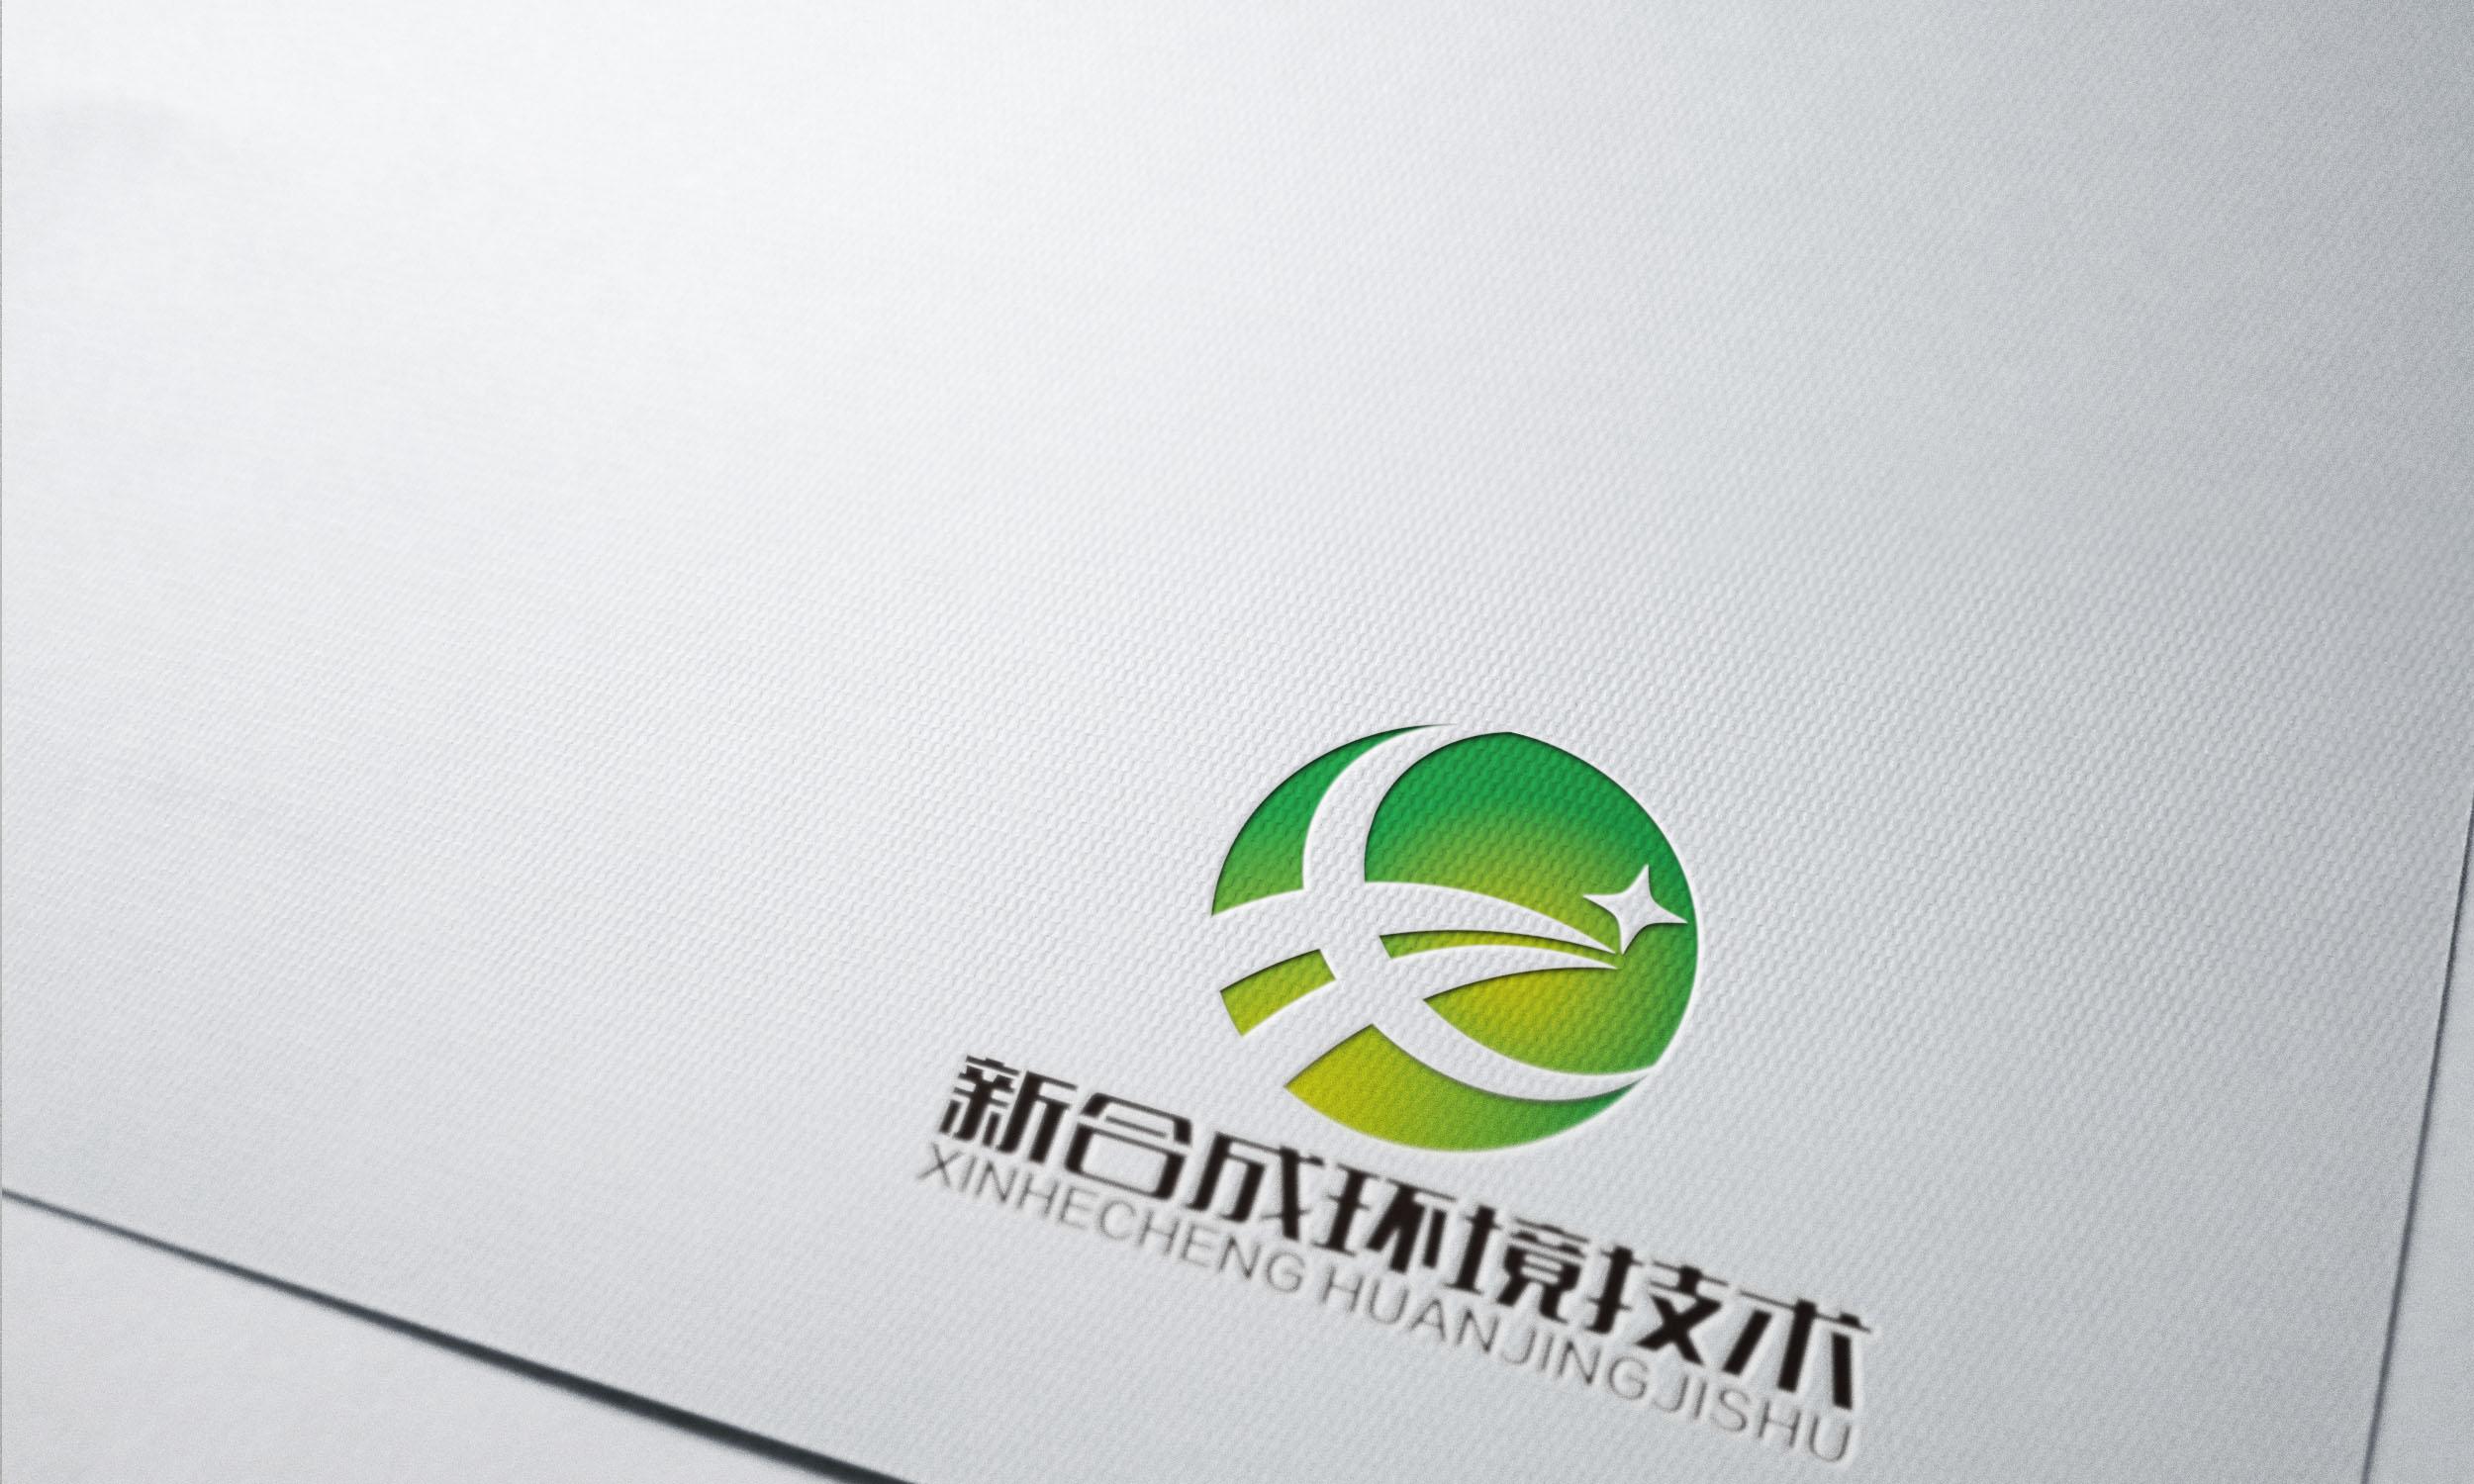 设计LOGO、公司名称字体及名片_3027154_k68威客网